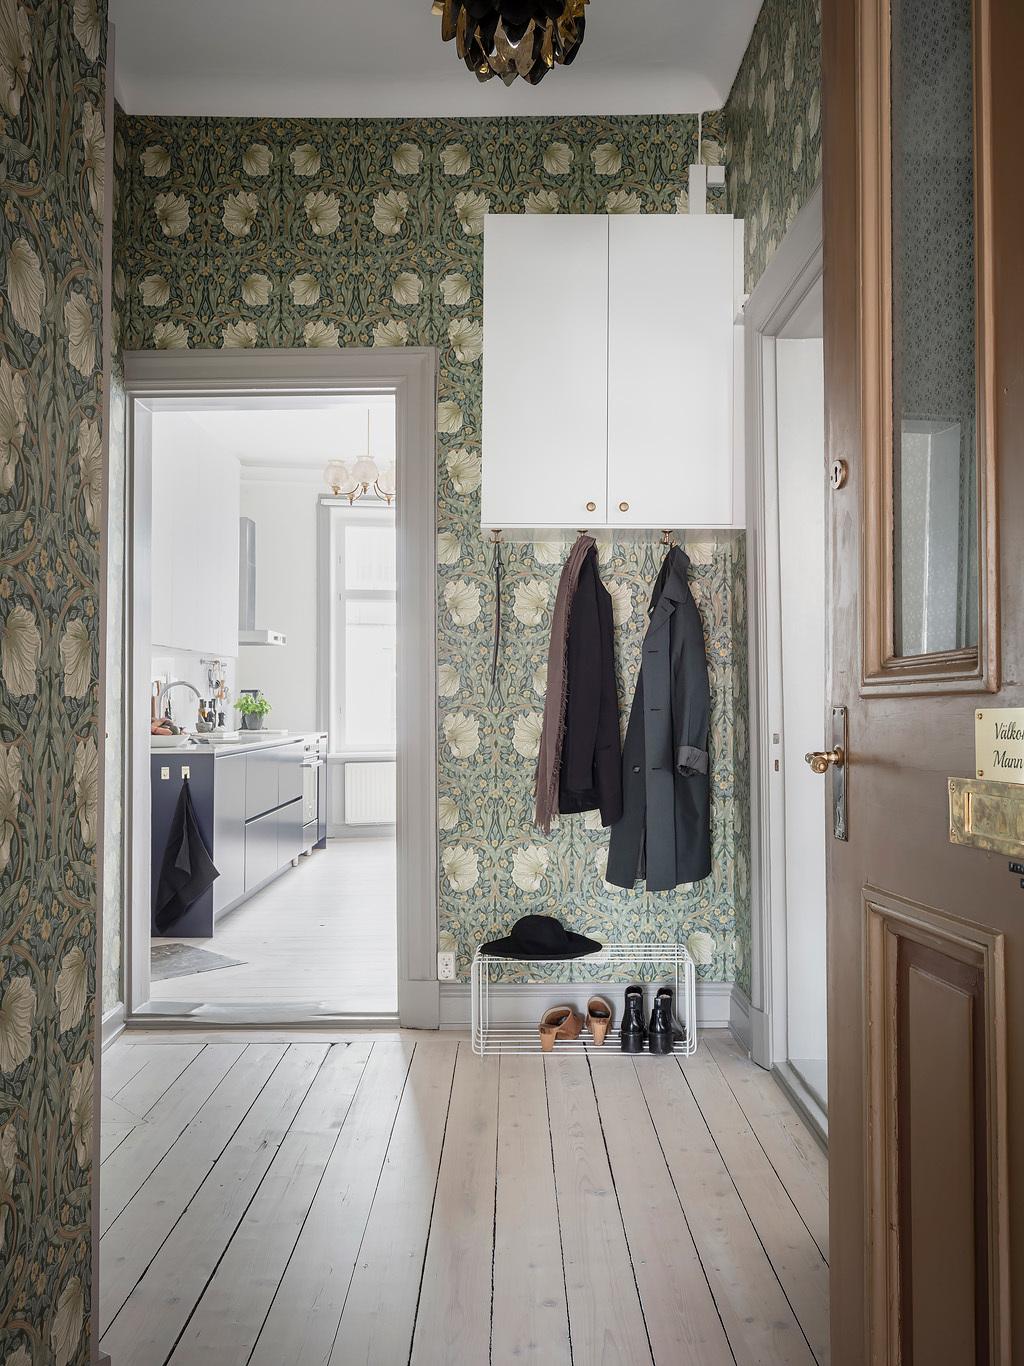 blog clematc papier peint floral vert hall d'entrée